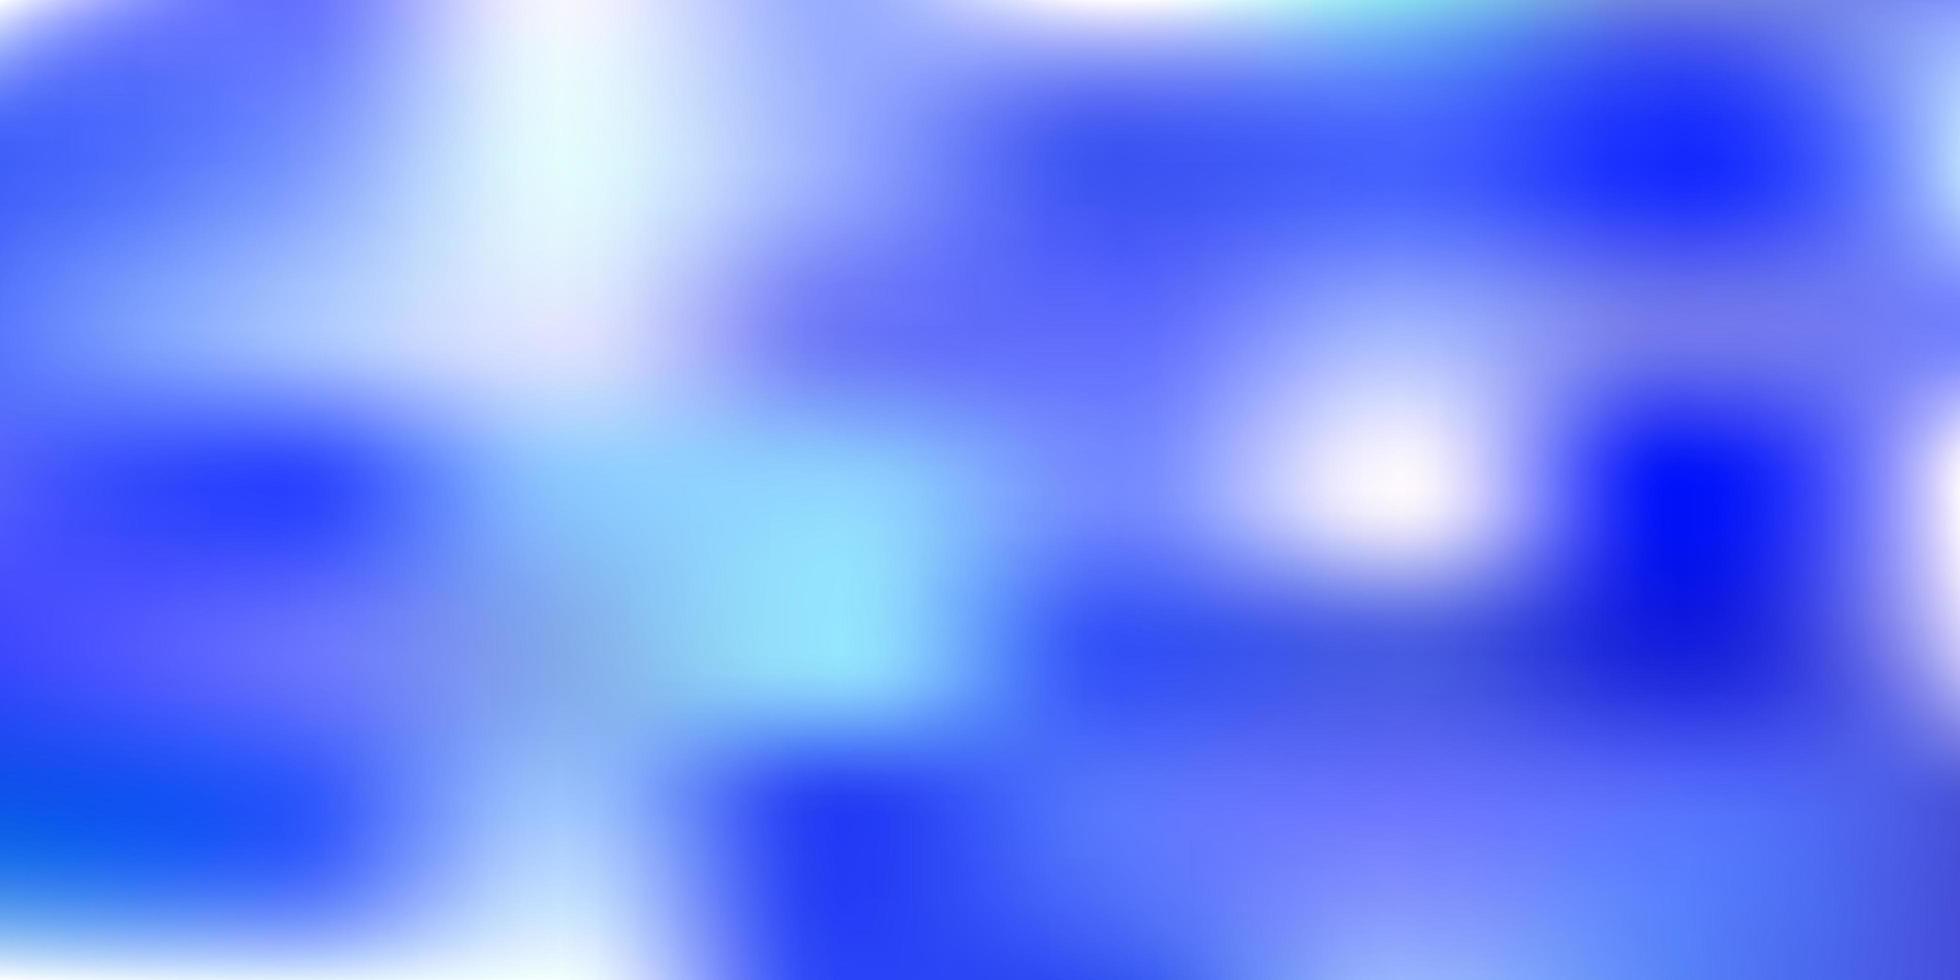 modello sfocato blu scuro. vettore